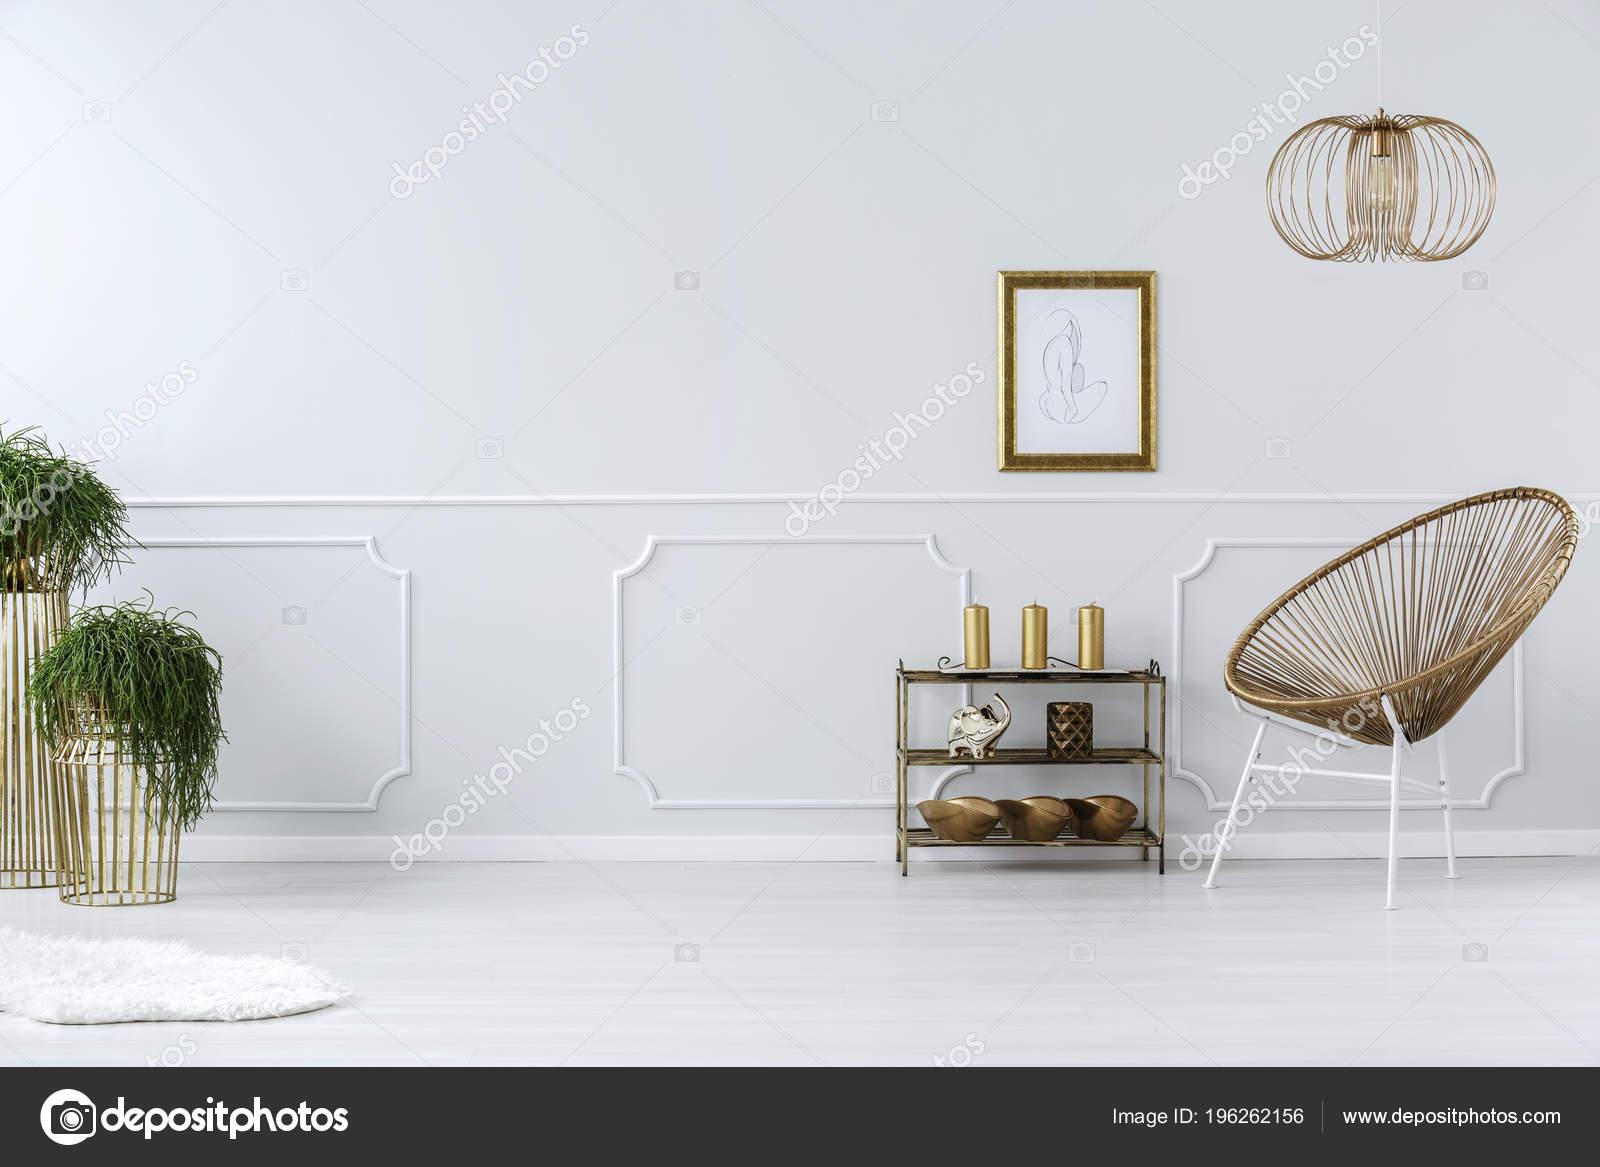 Witte Rieten Stoel : Moderne rieten stoel tekening gouden frame een wit lege muur